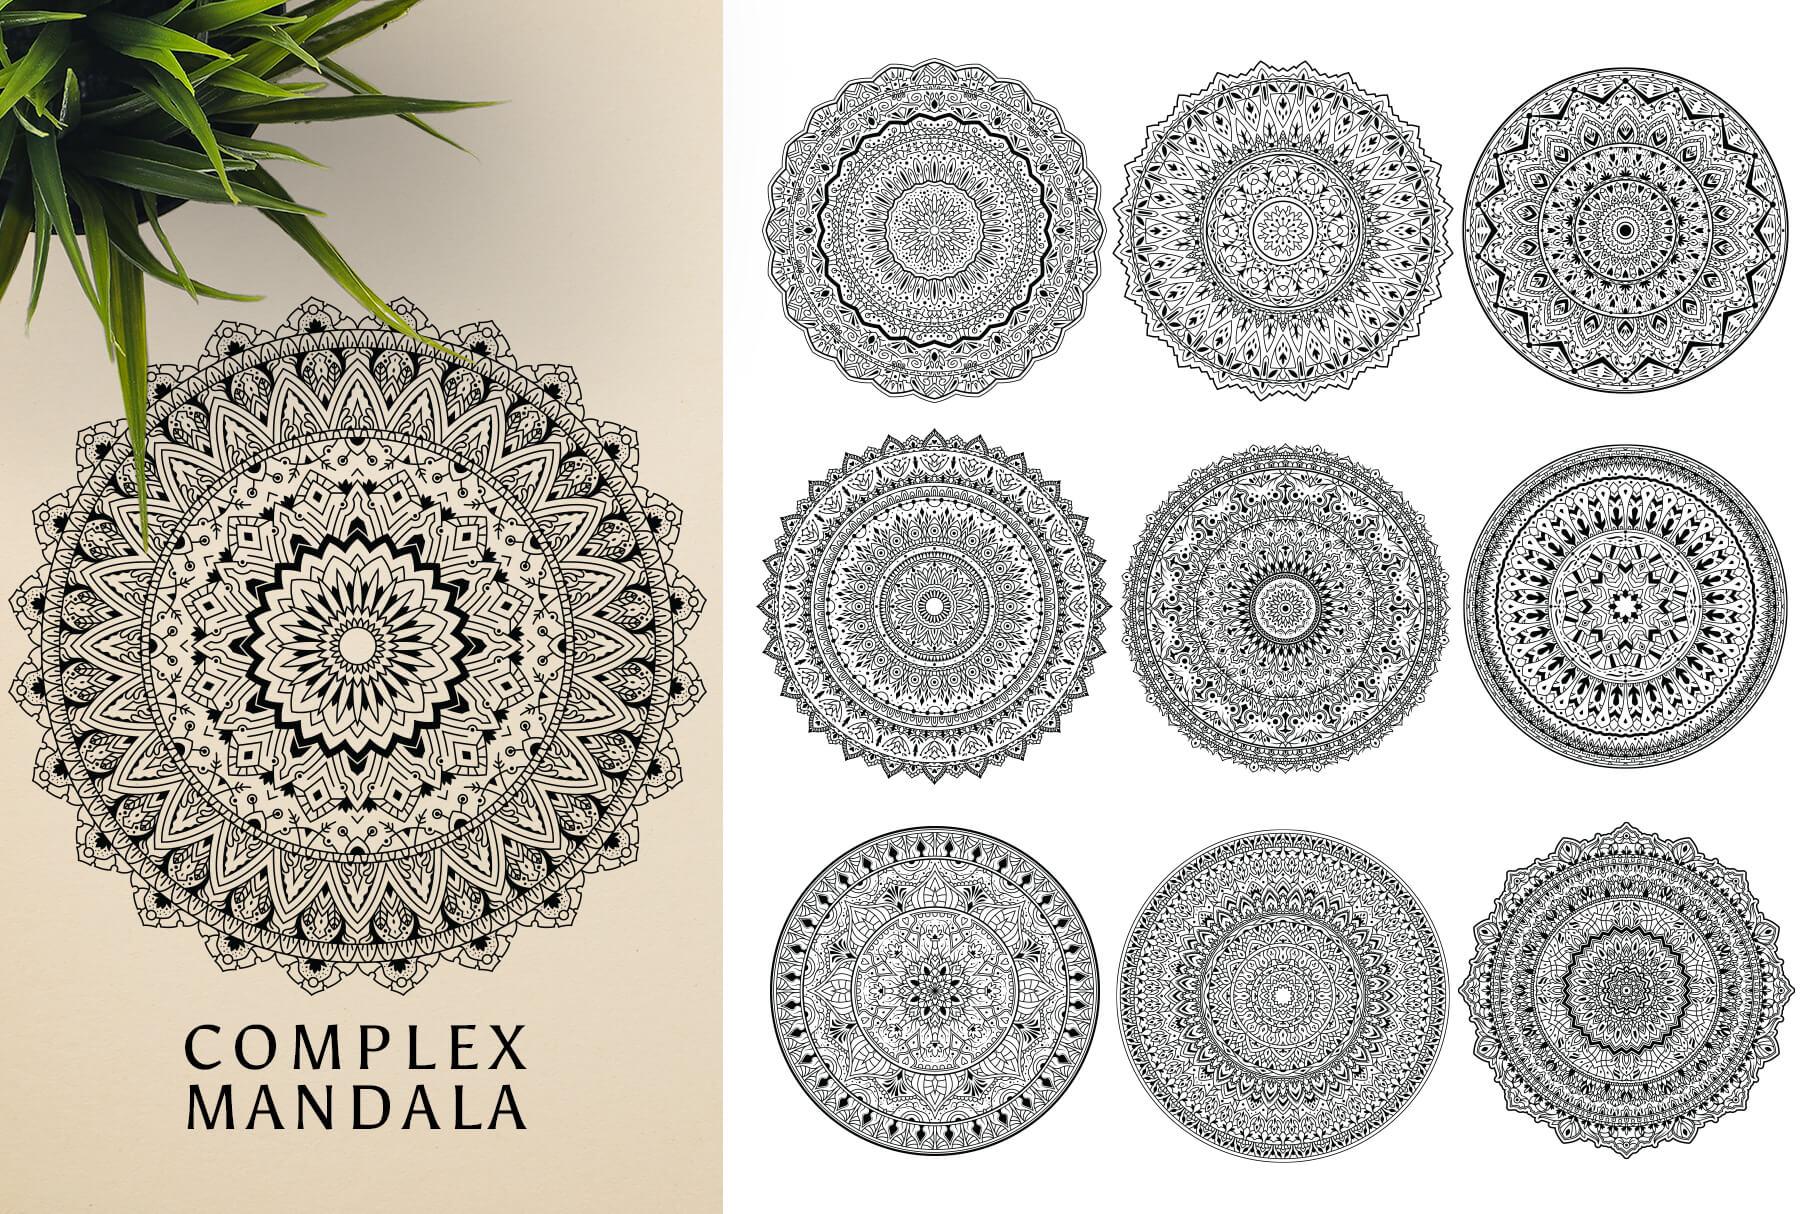 Bundle Of Mandala Ornaments - Complex